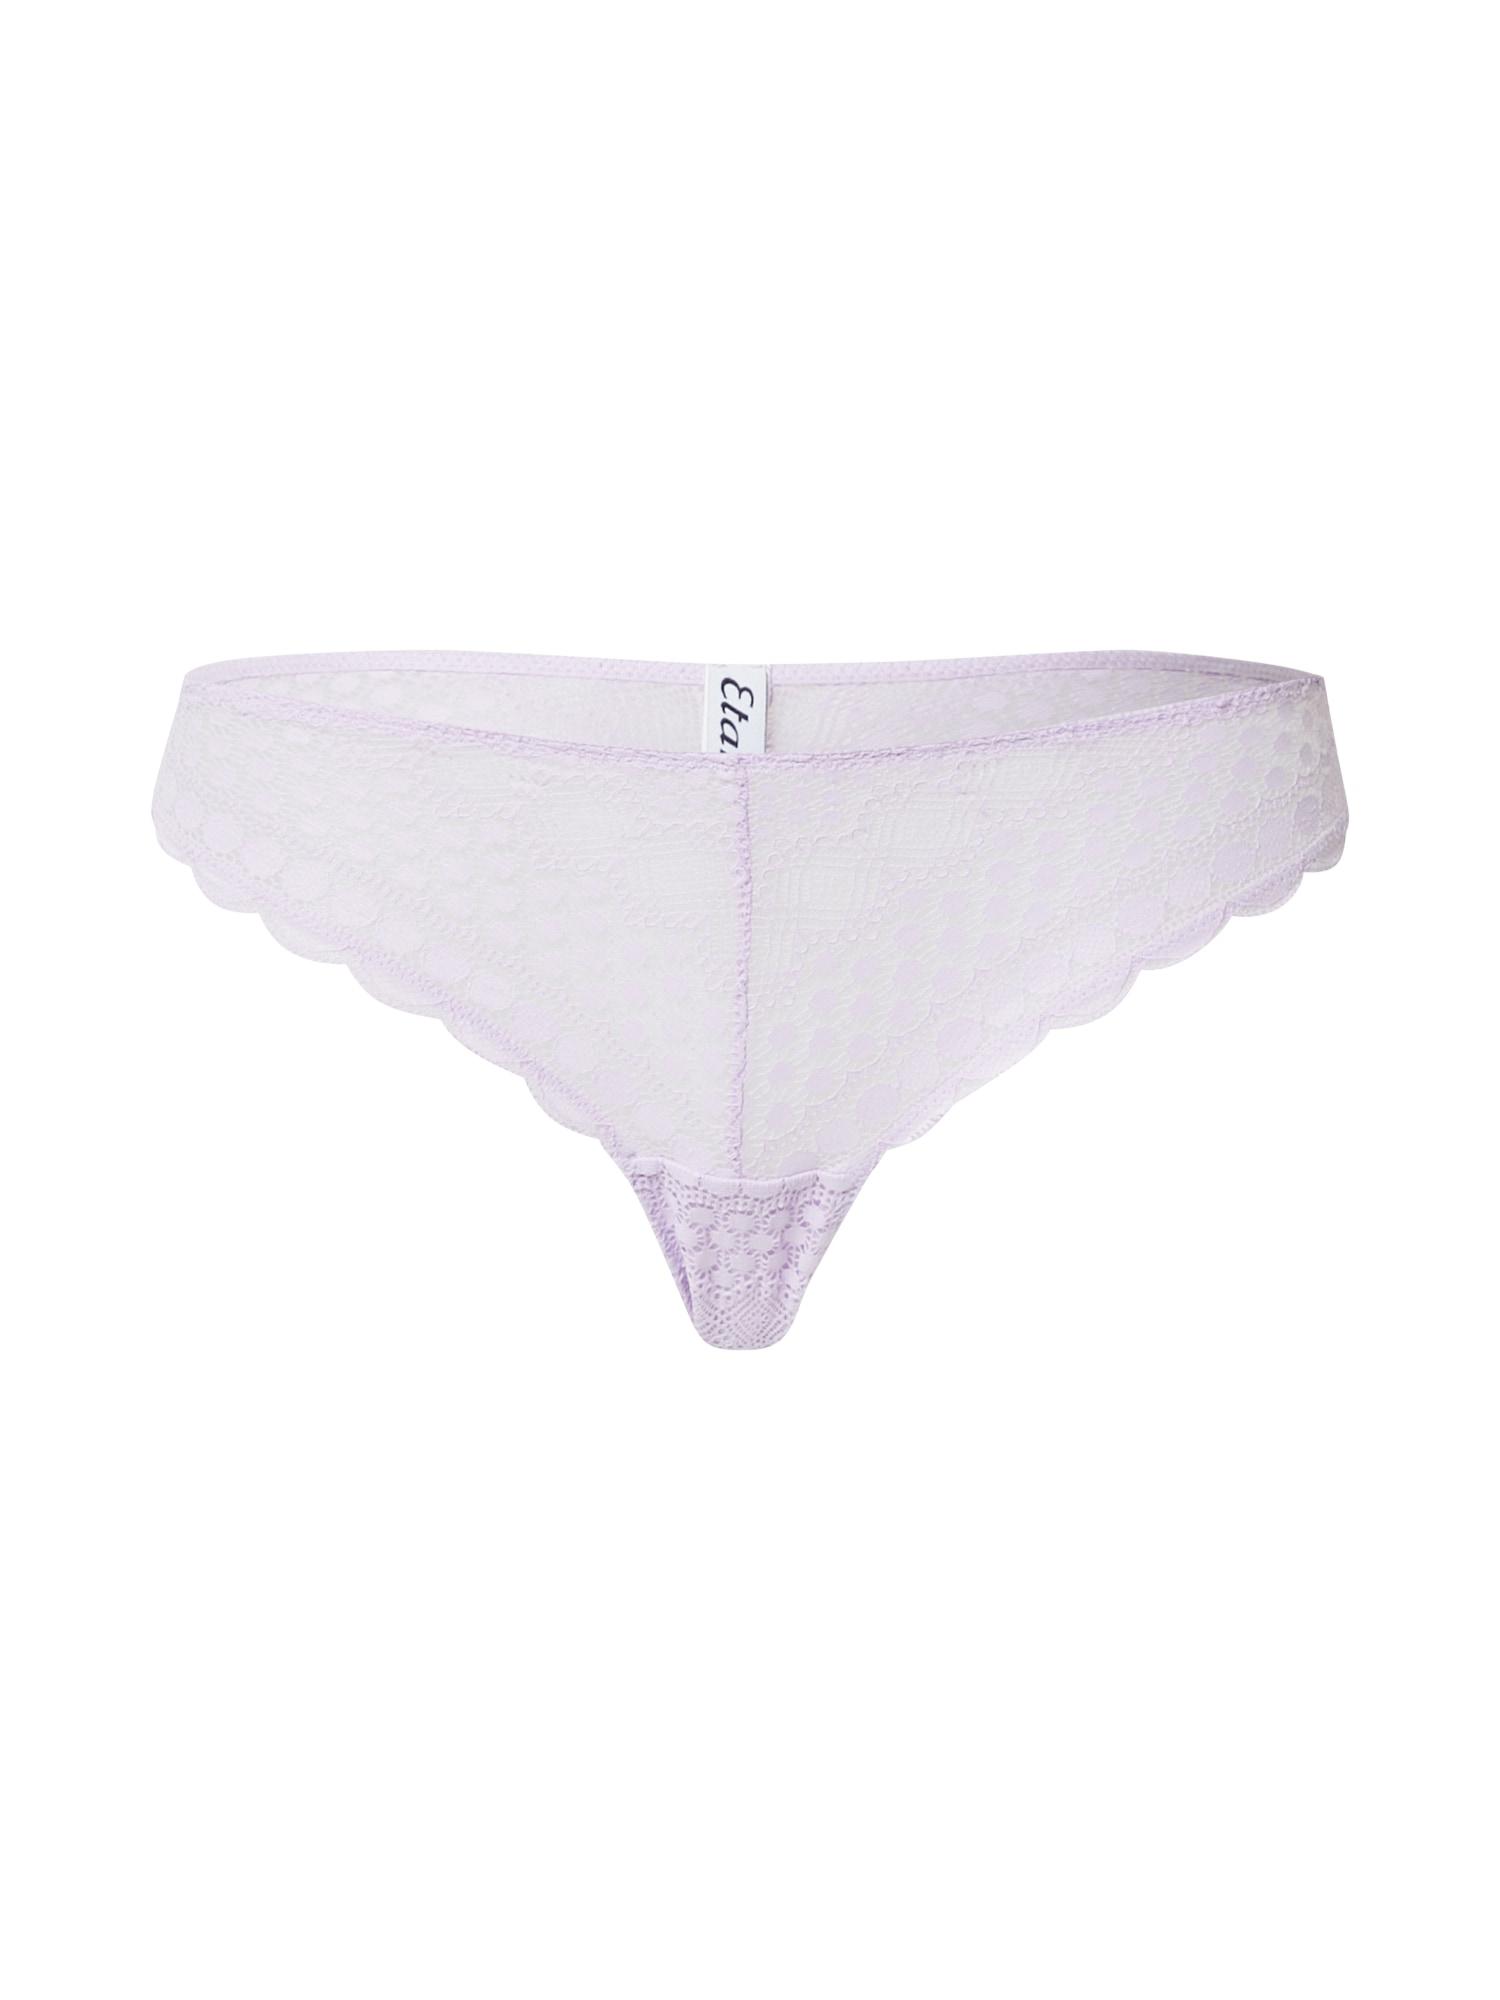 ETAM Siaurikės 'CHERIE CHERIE' šviesiai violetinė